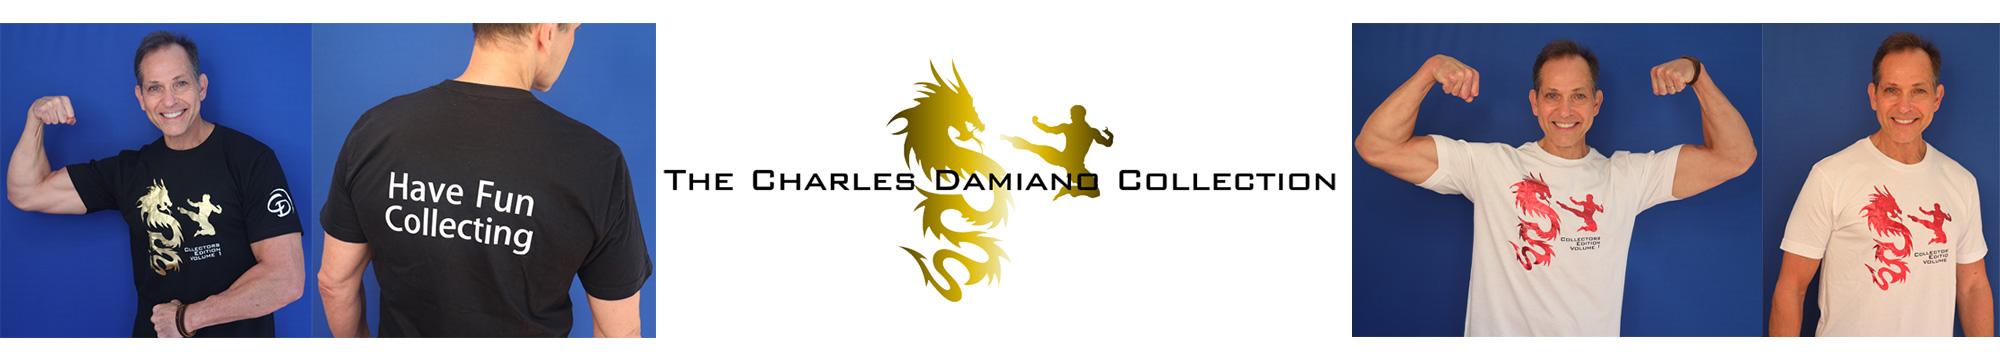 Charles Damiano